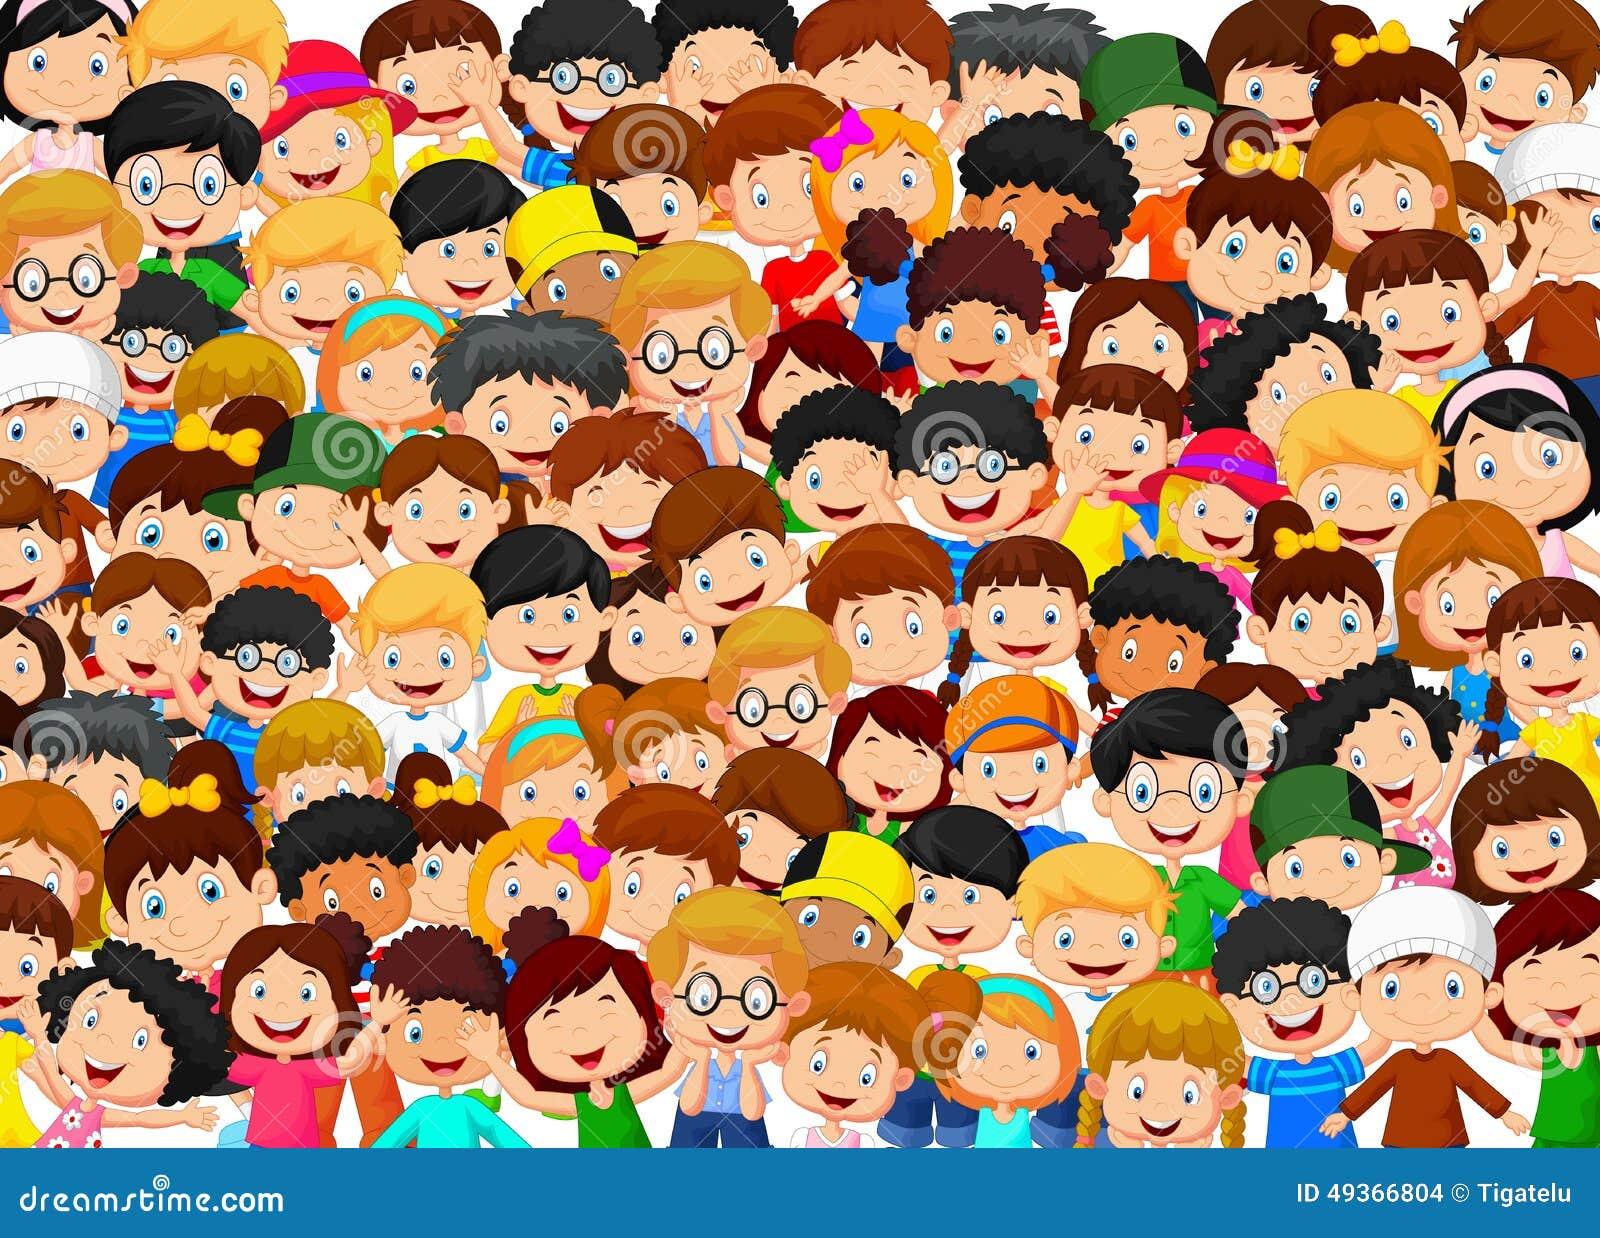 Crowd Of Children Cartoon Stock Vector - Image: 49366804